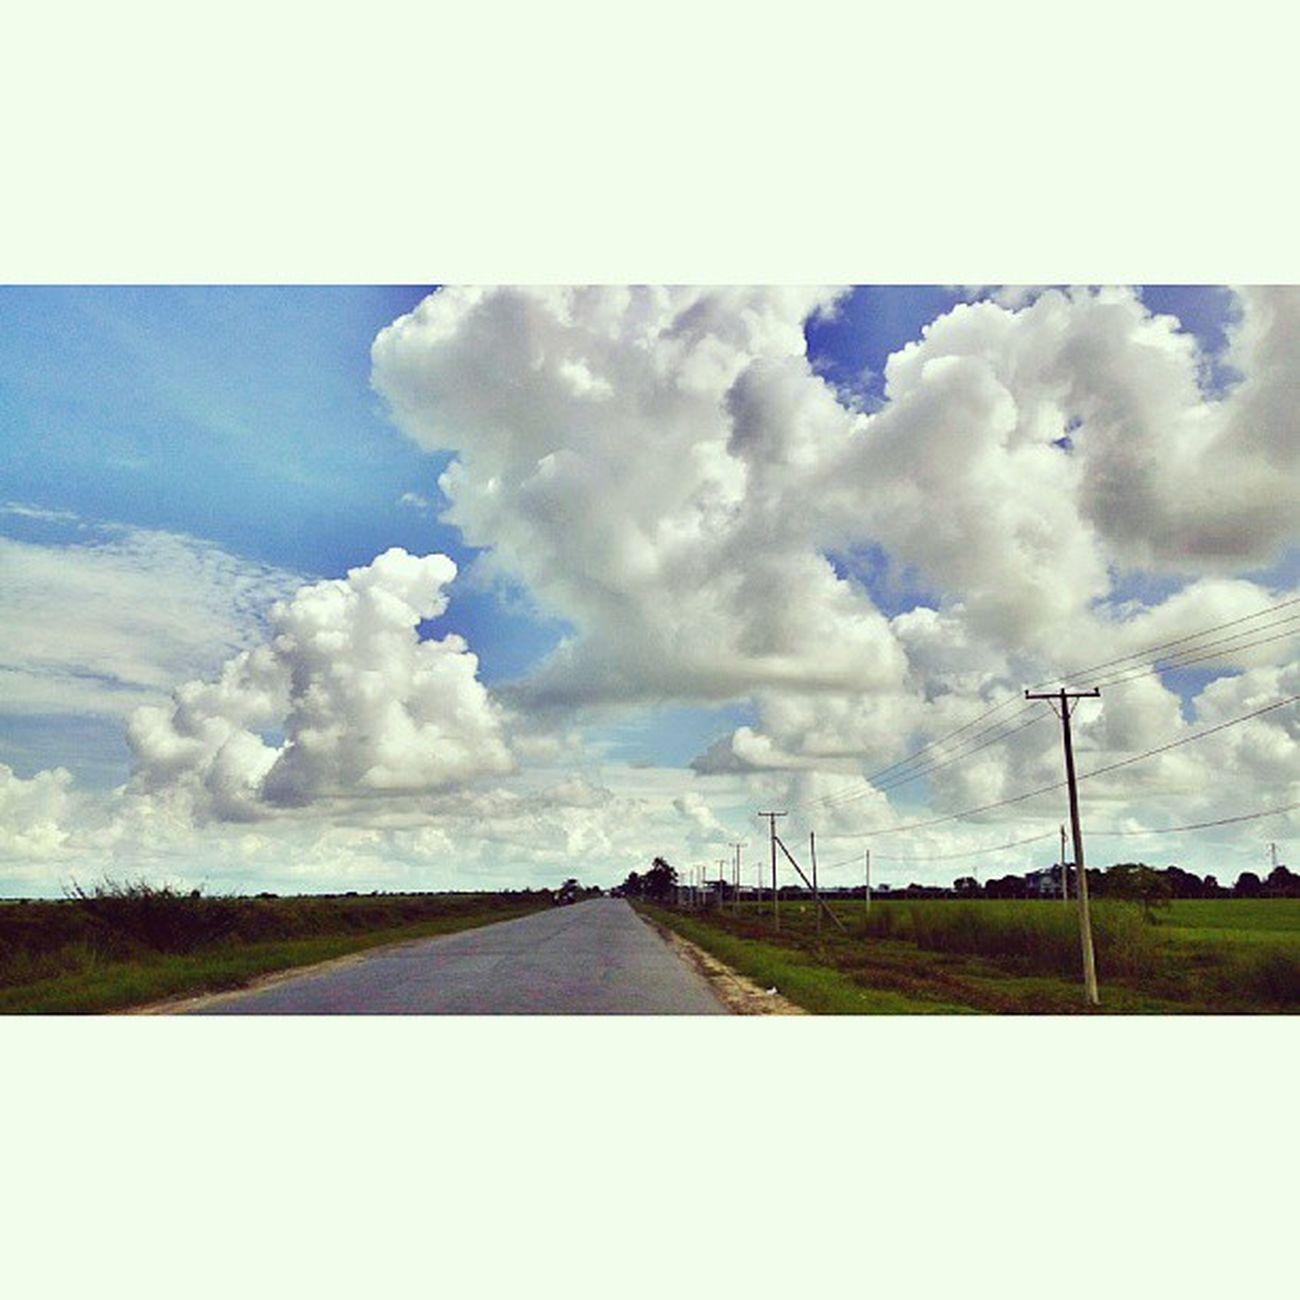 ဂ်စ္ပစီမိုးတိမ္ Jipsy Cloud Sky Highway instatravel travelgram myanmar igersmyanmar